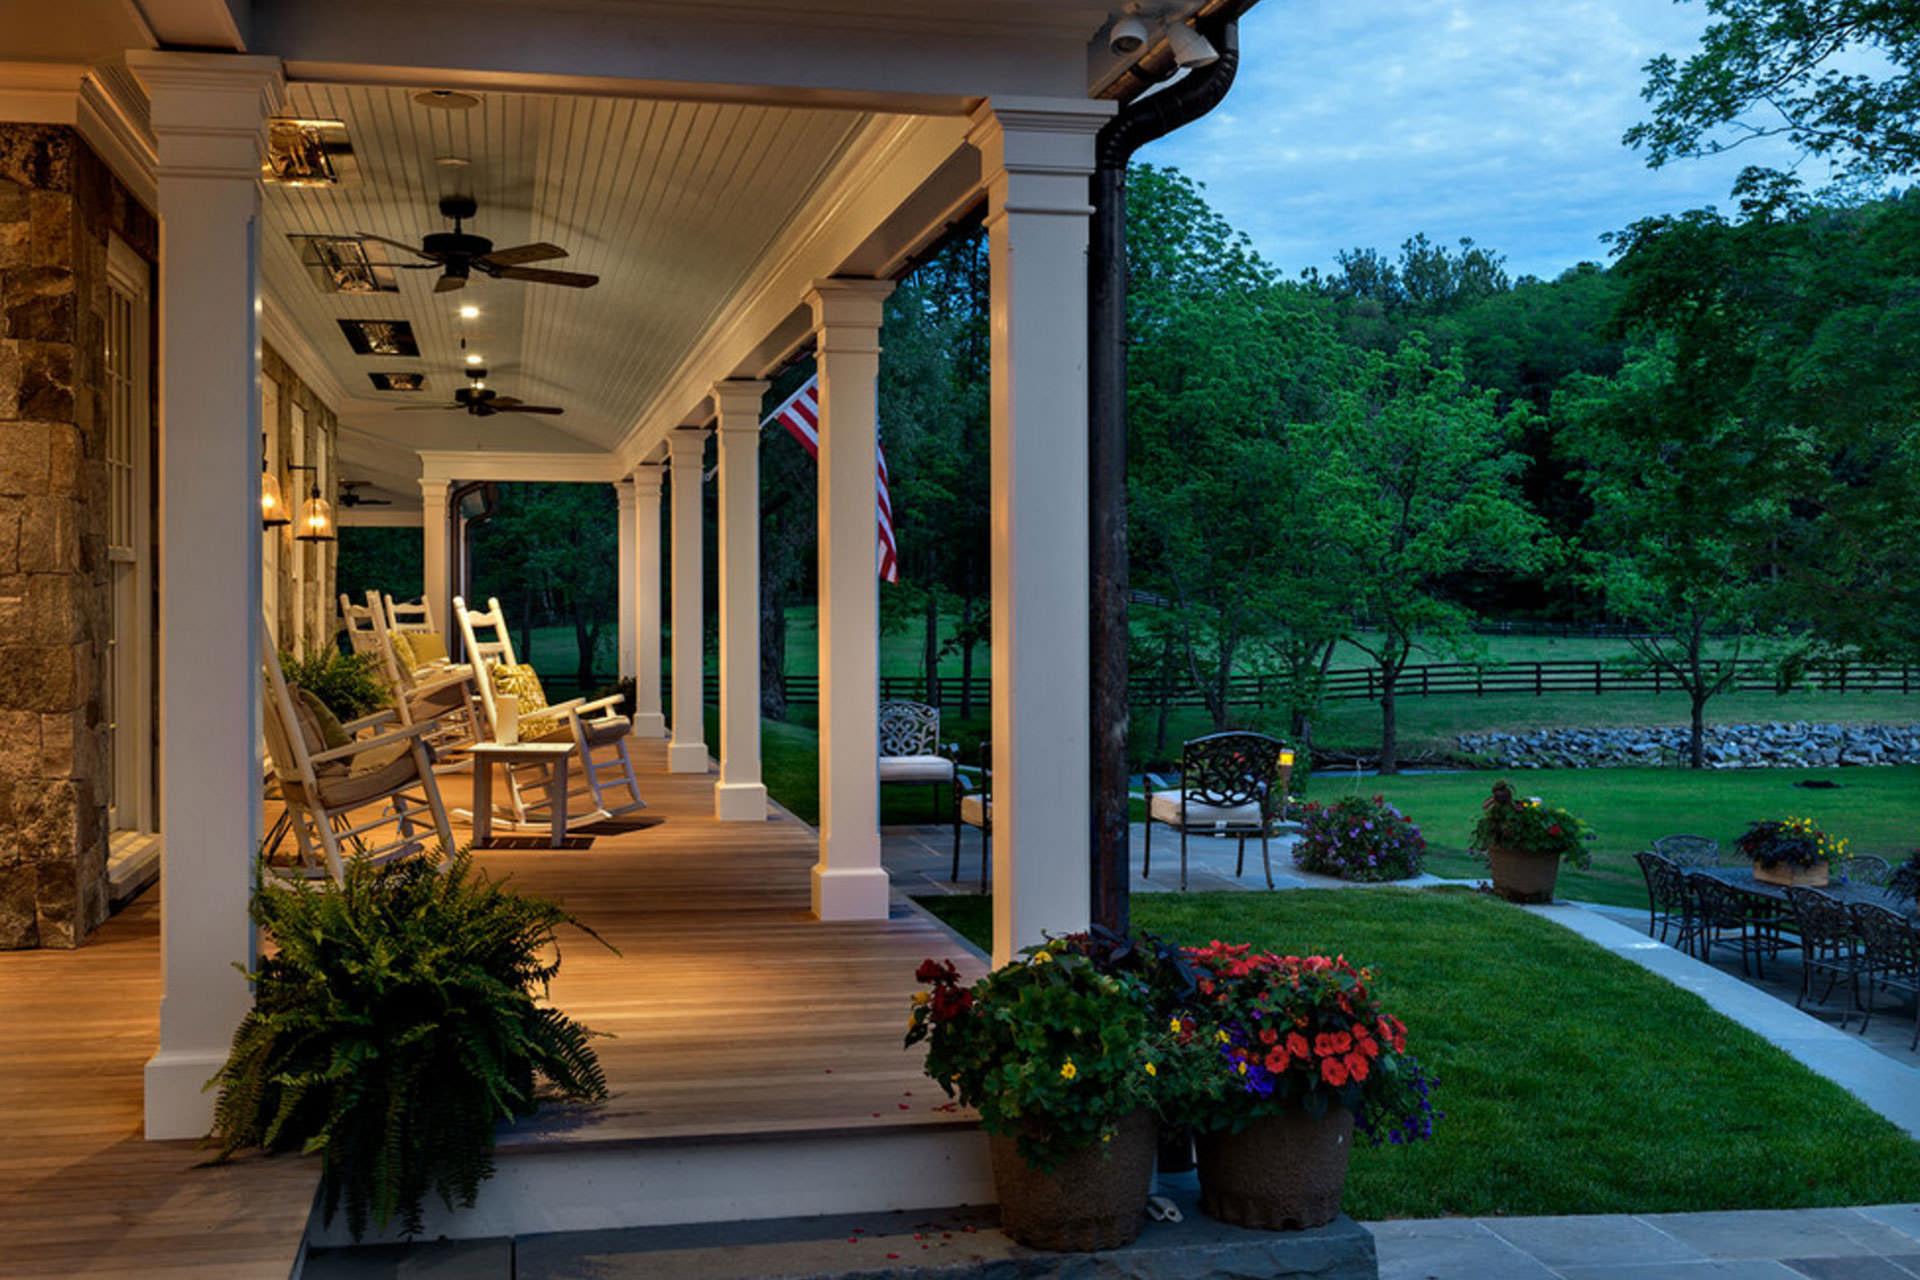 Garden Structures: Top 5 Most Popular